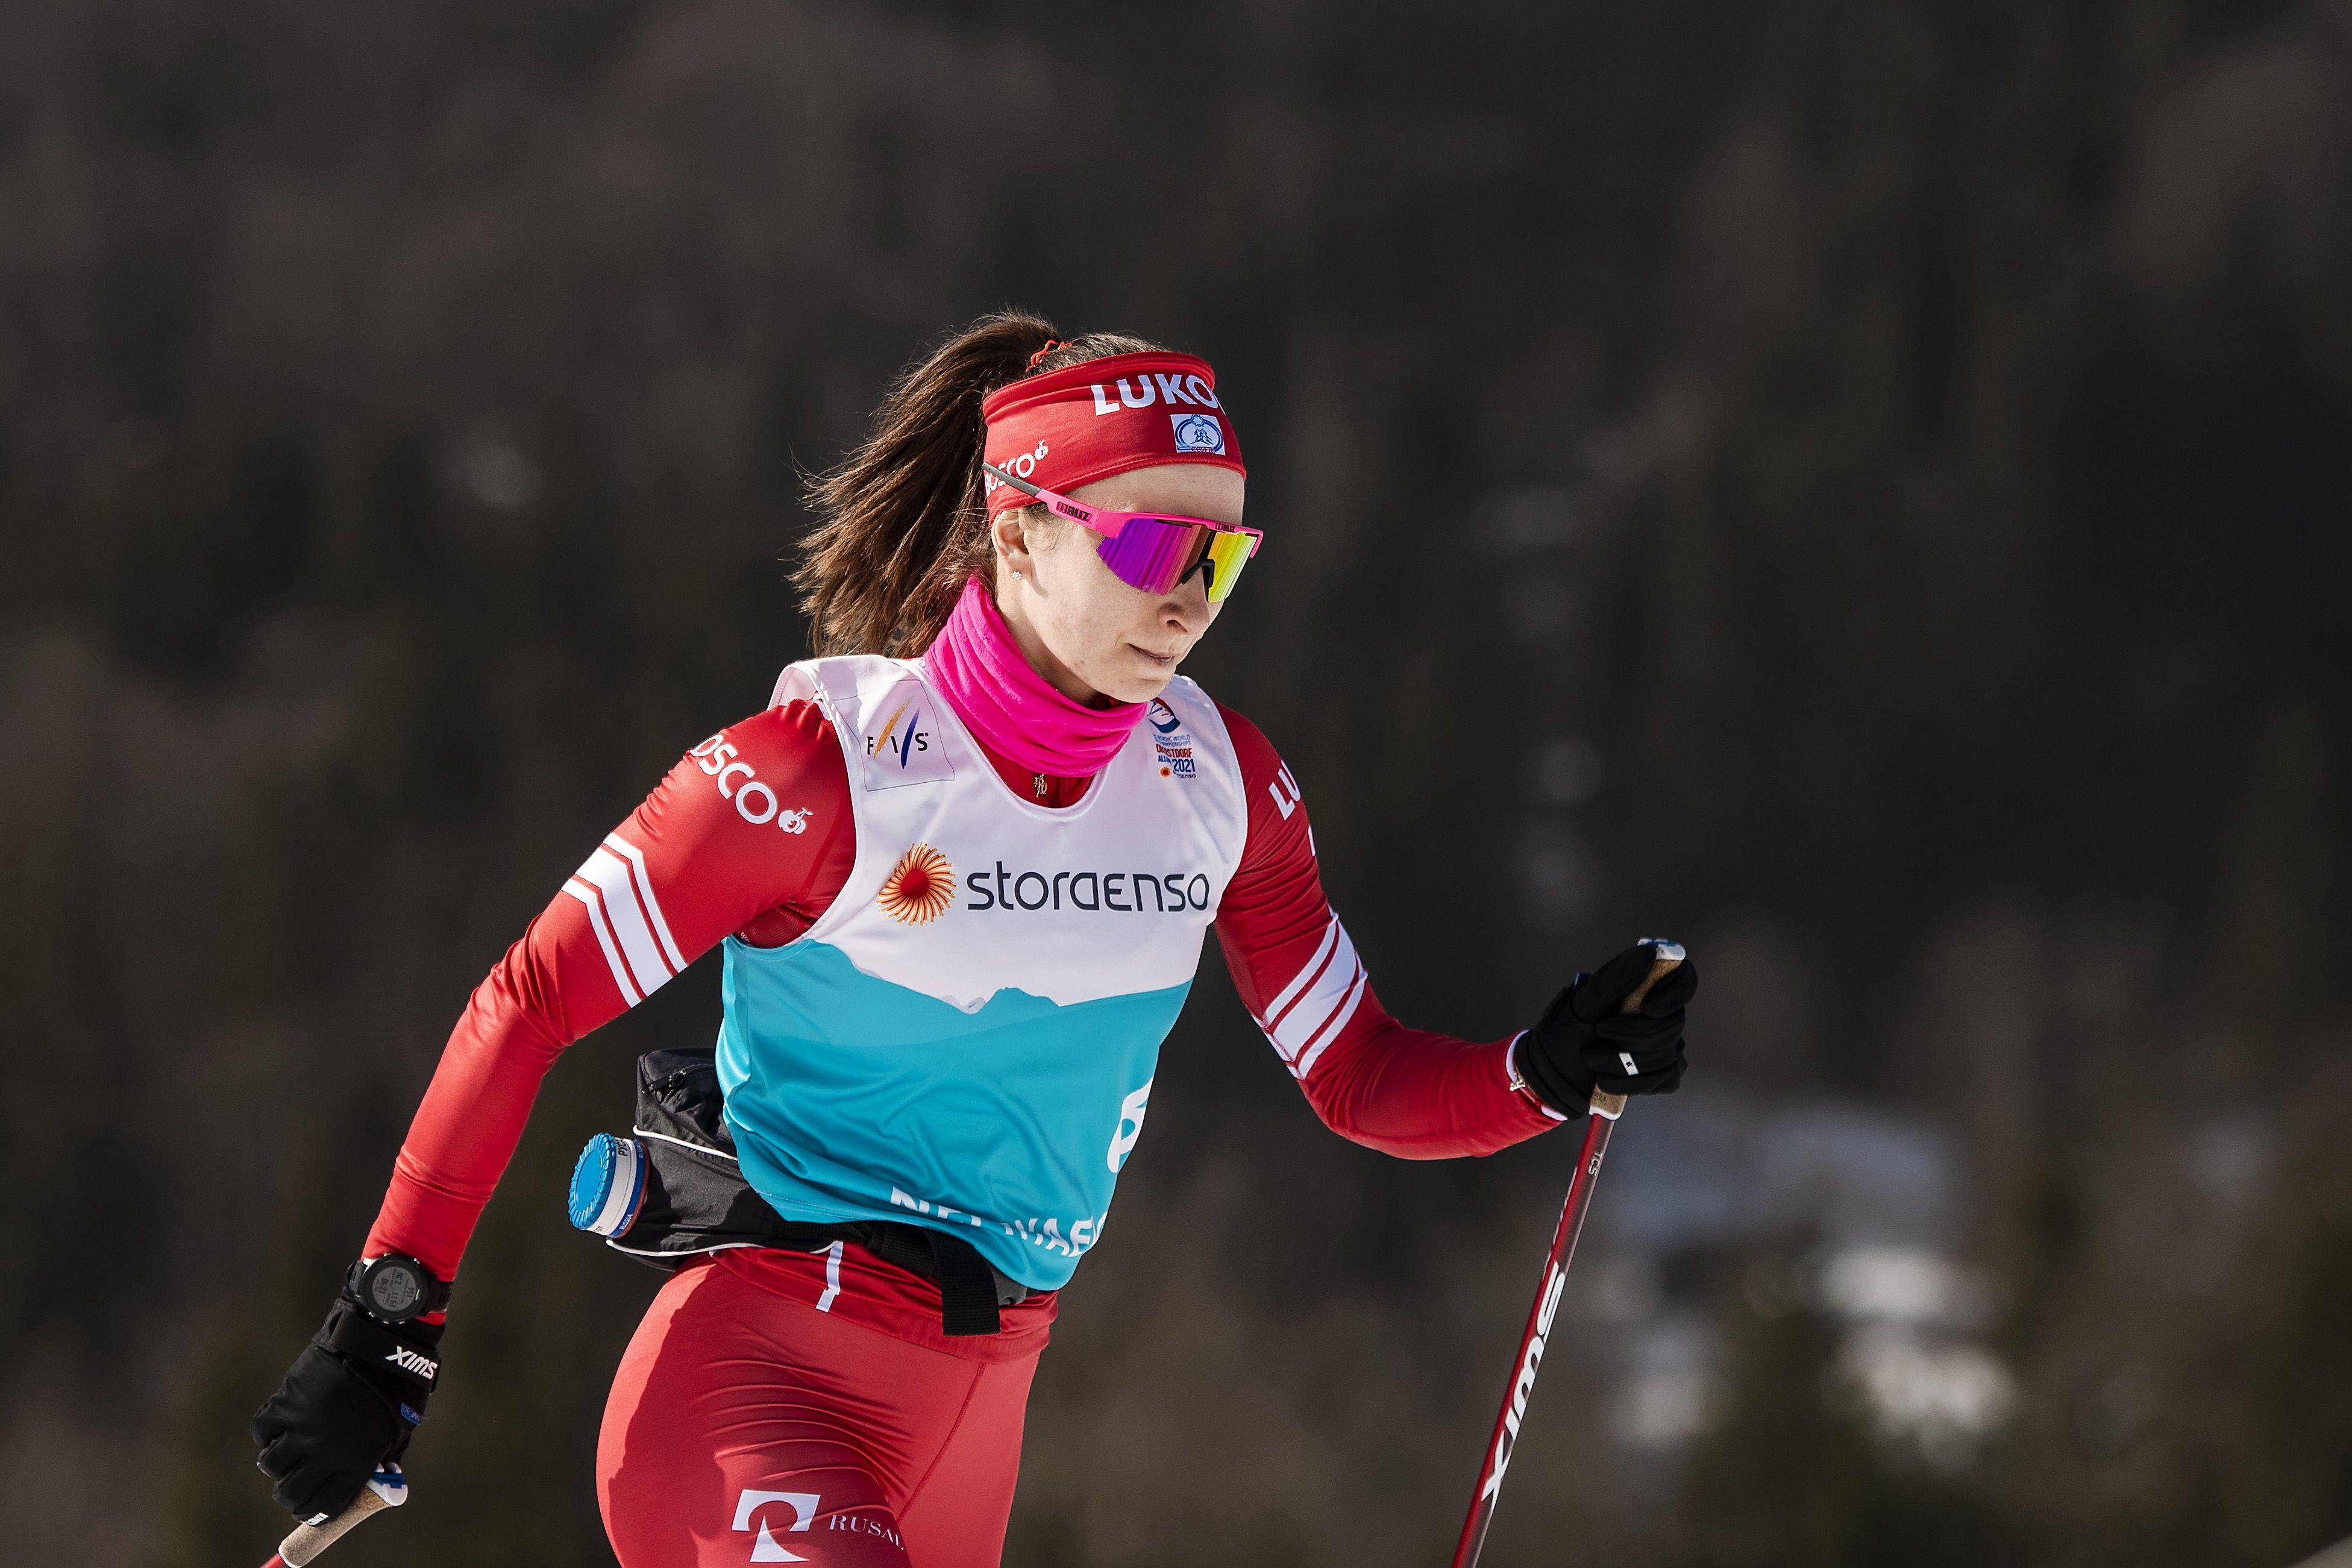 Непряева прокомментировала неудачное выступление в скиатлоне